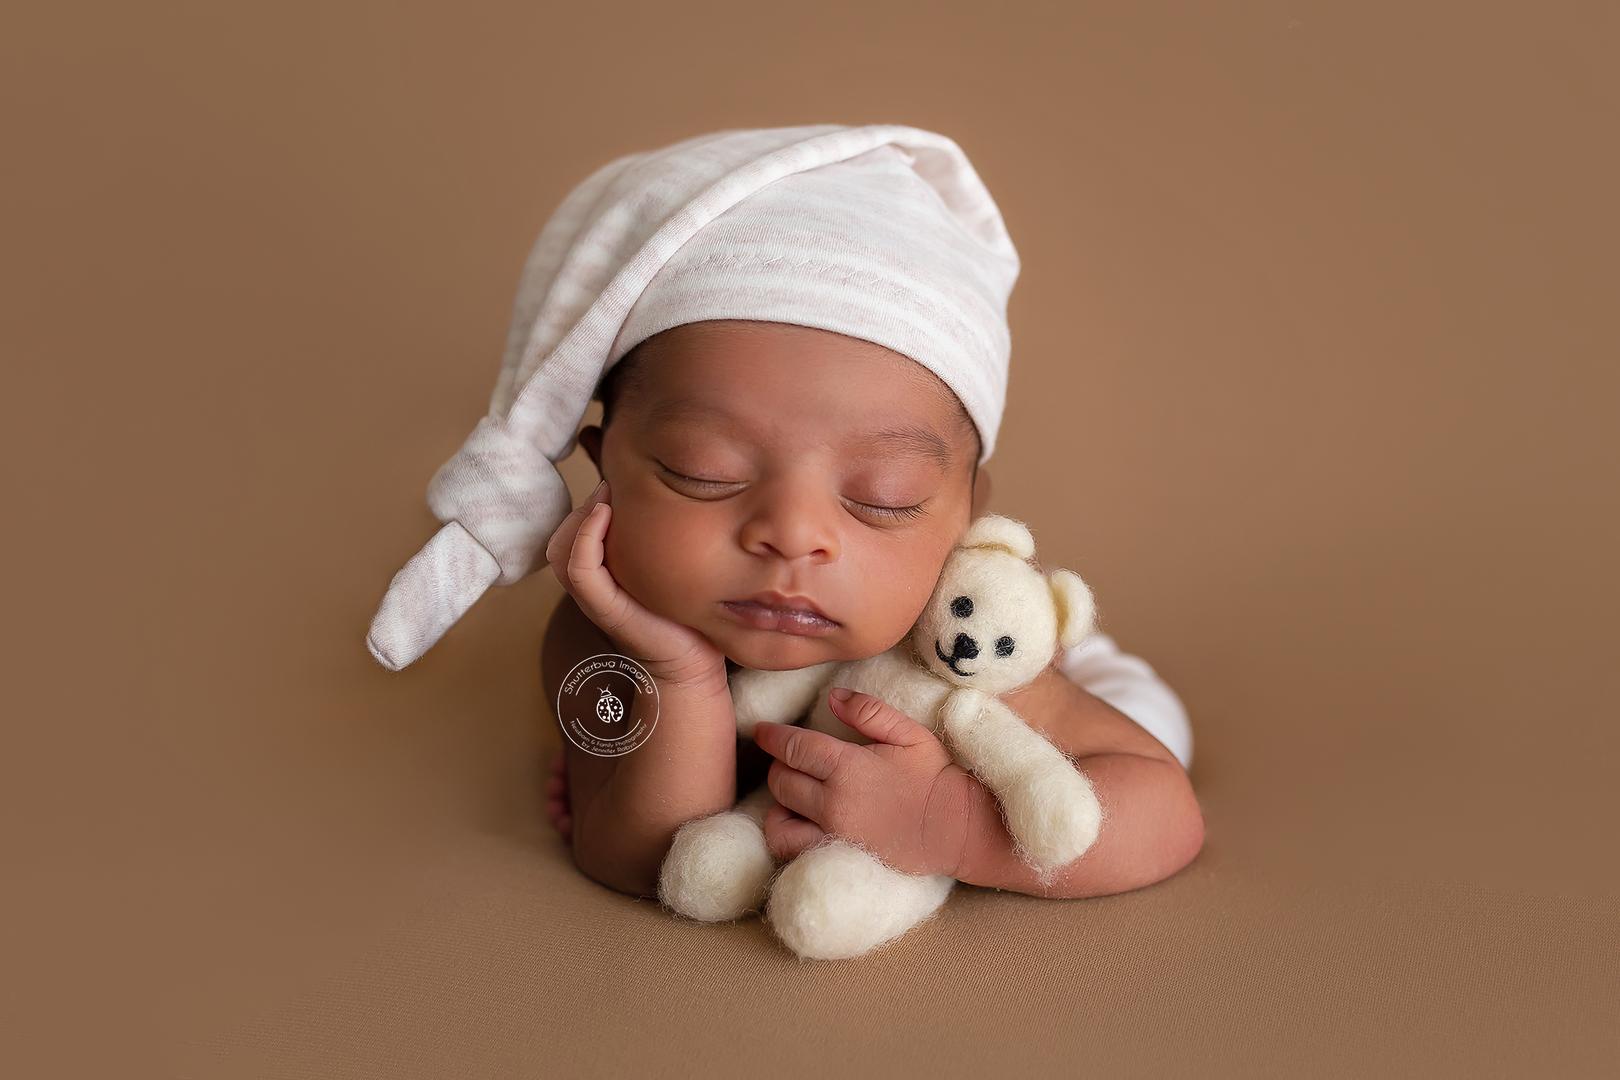 Newborn photography mississauga newborn photography oakville newborn photography toronto newborn photography the beaches newborn photography gta